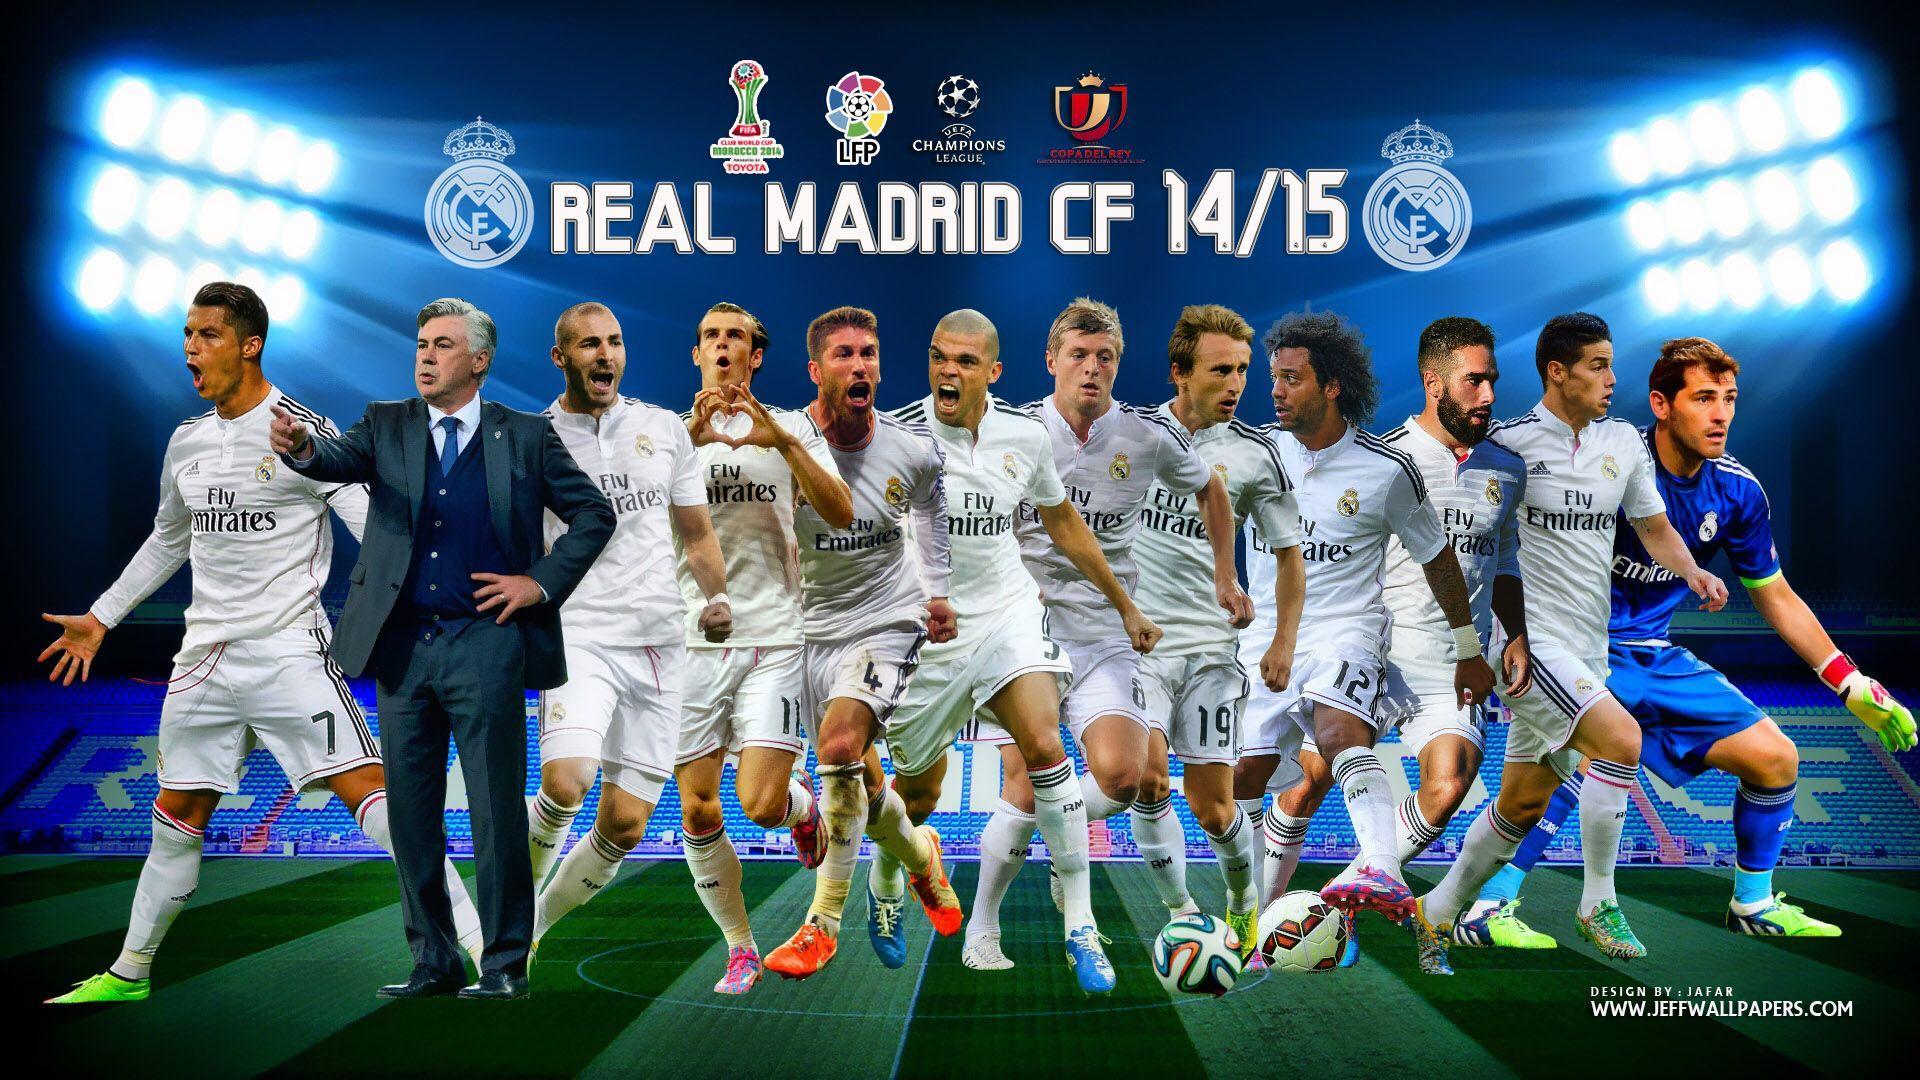 Real Madrid Wallpaper Full Hd 2015 - WallpaperSafari 77b43c66f9c79